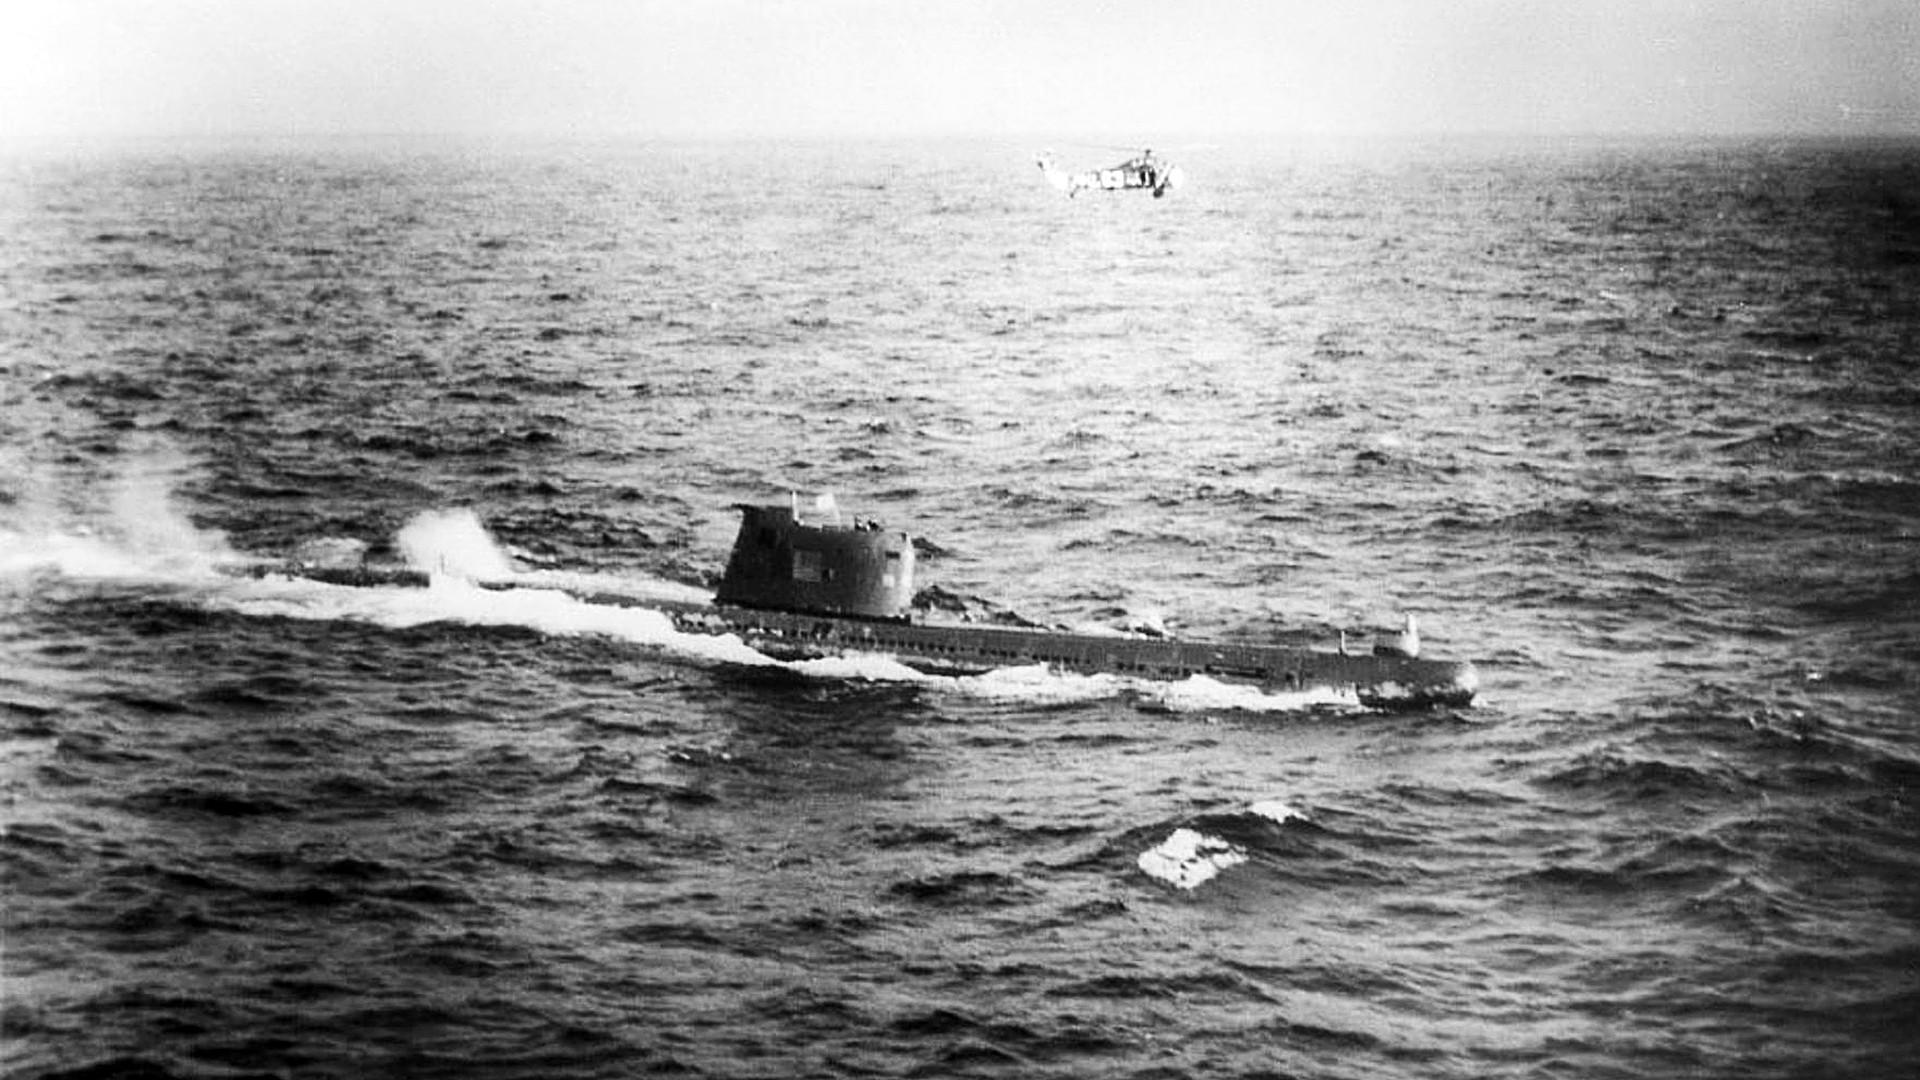 Il sottomarino sovietico B-59 non lontano dalle coste cubane